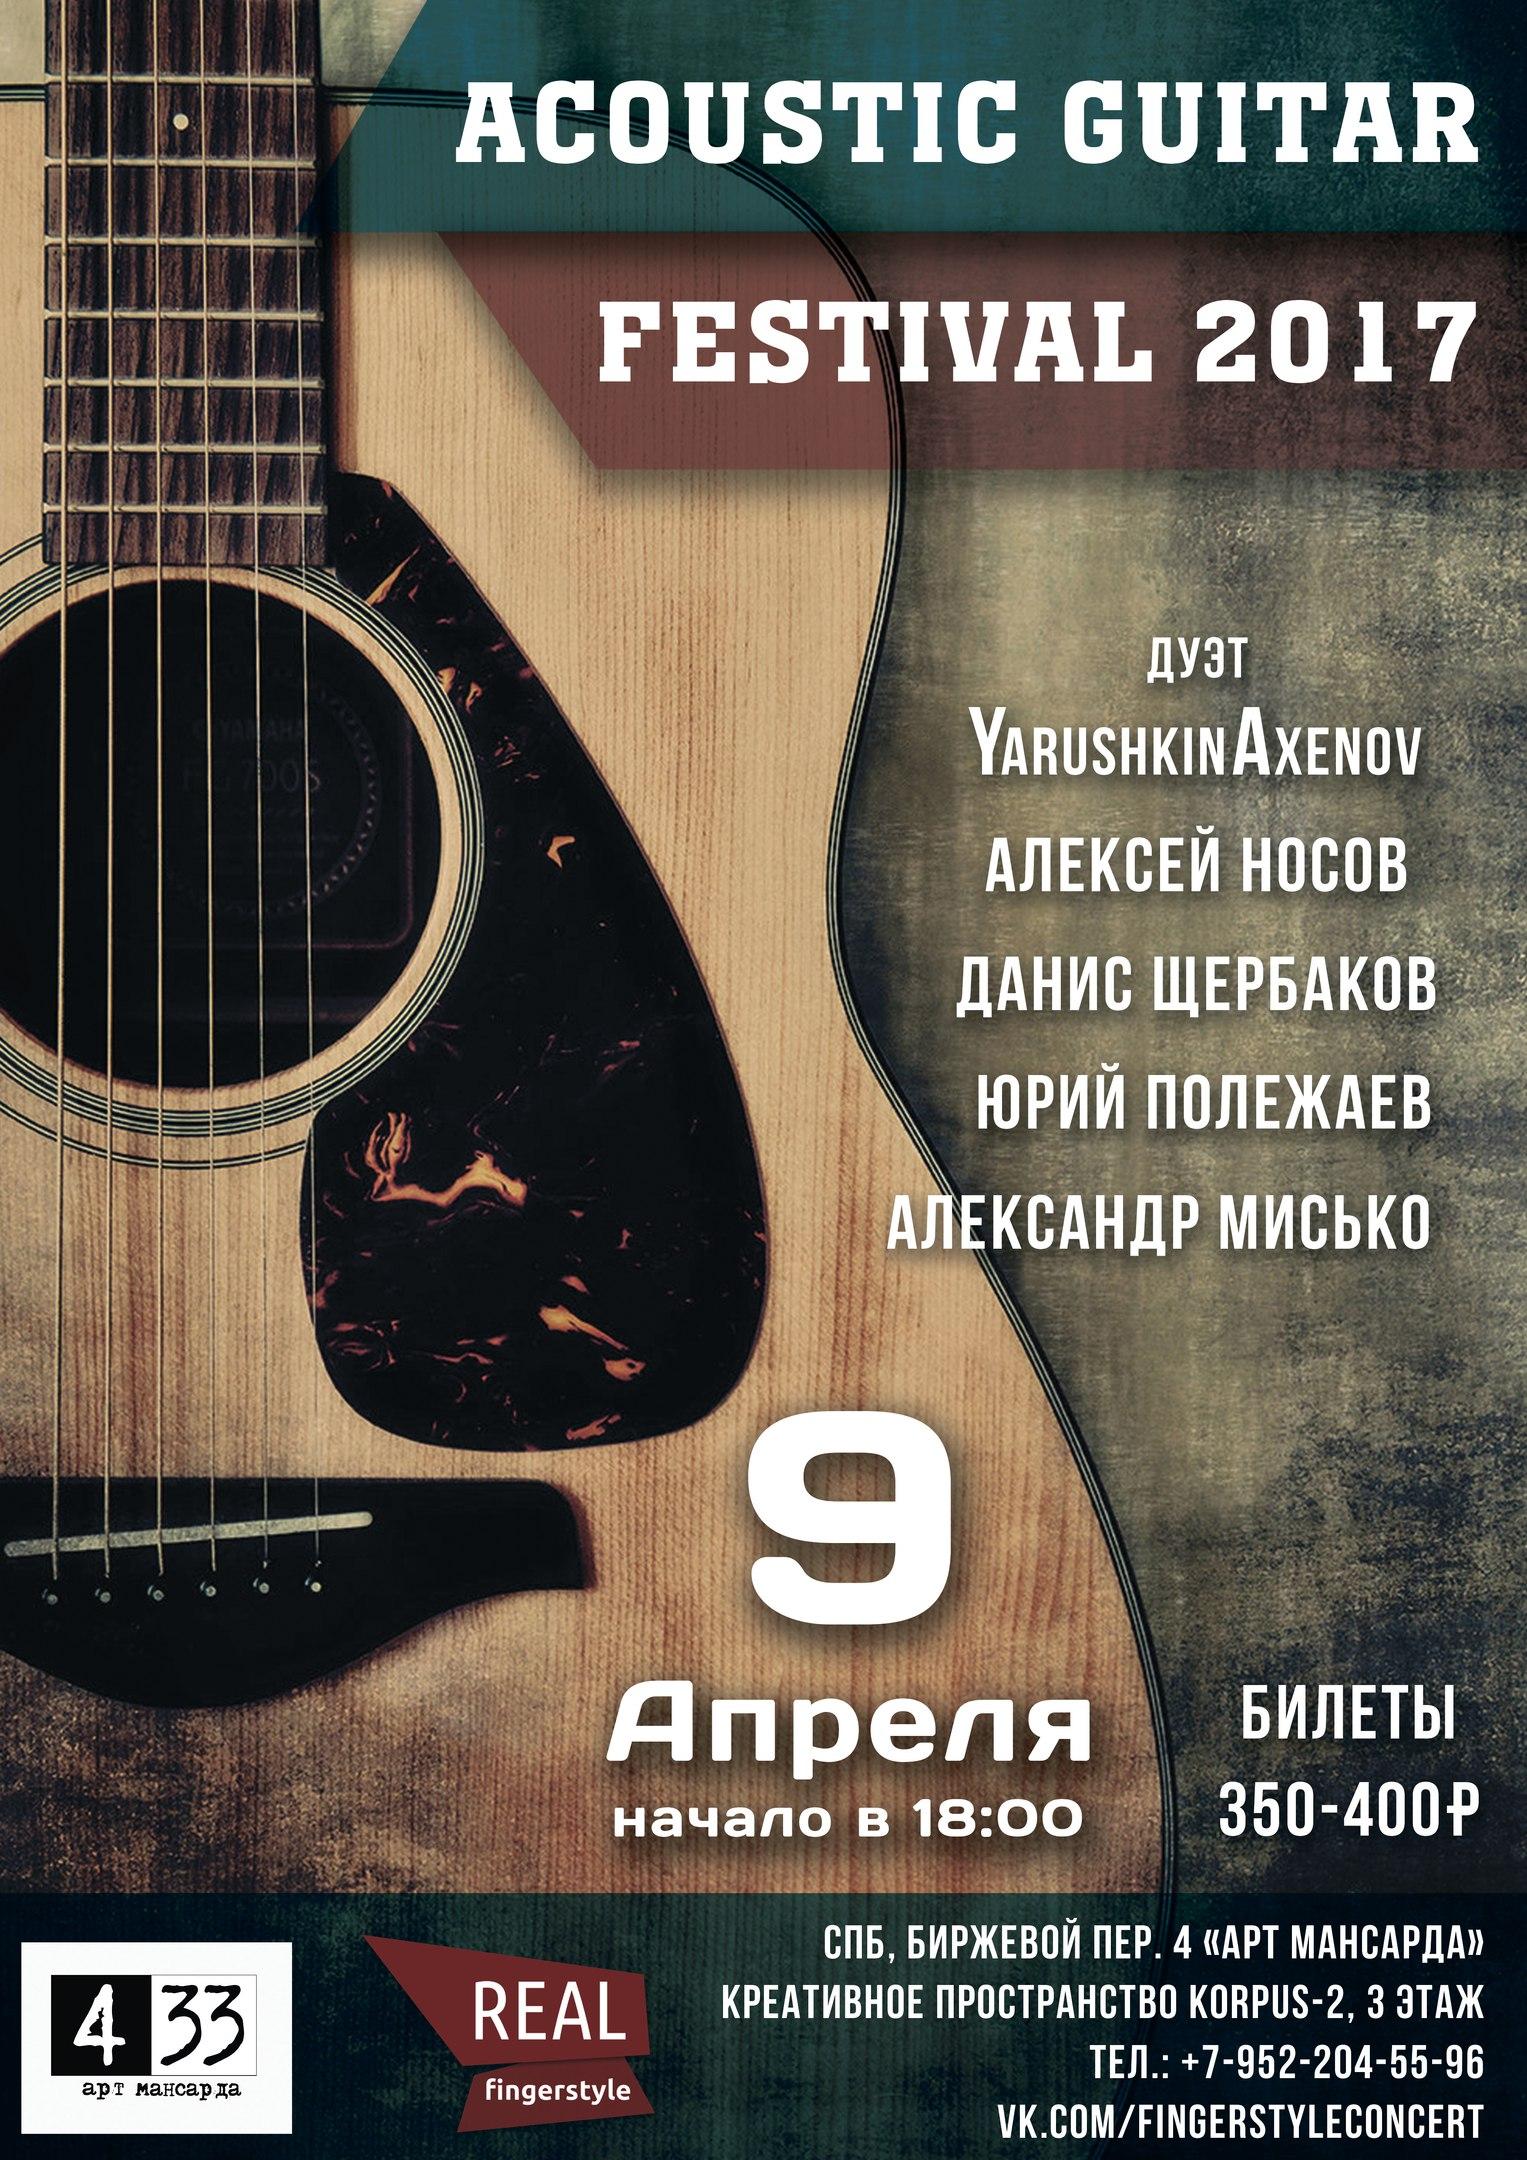 Russian Fingerstyle Festival